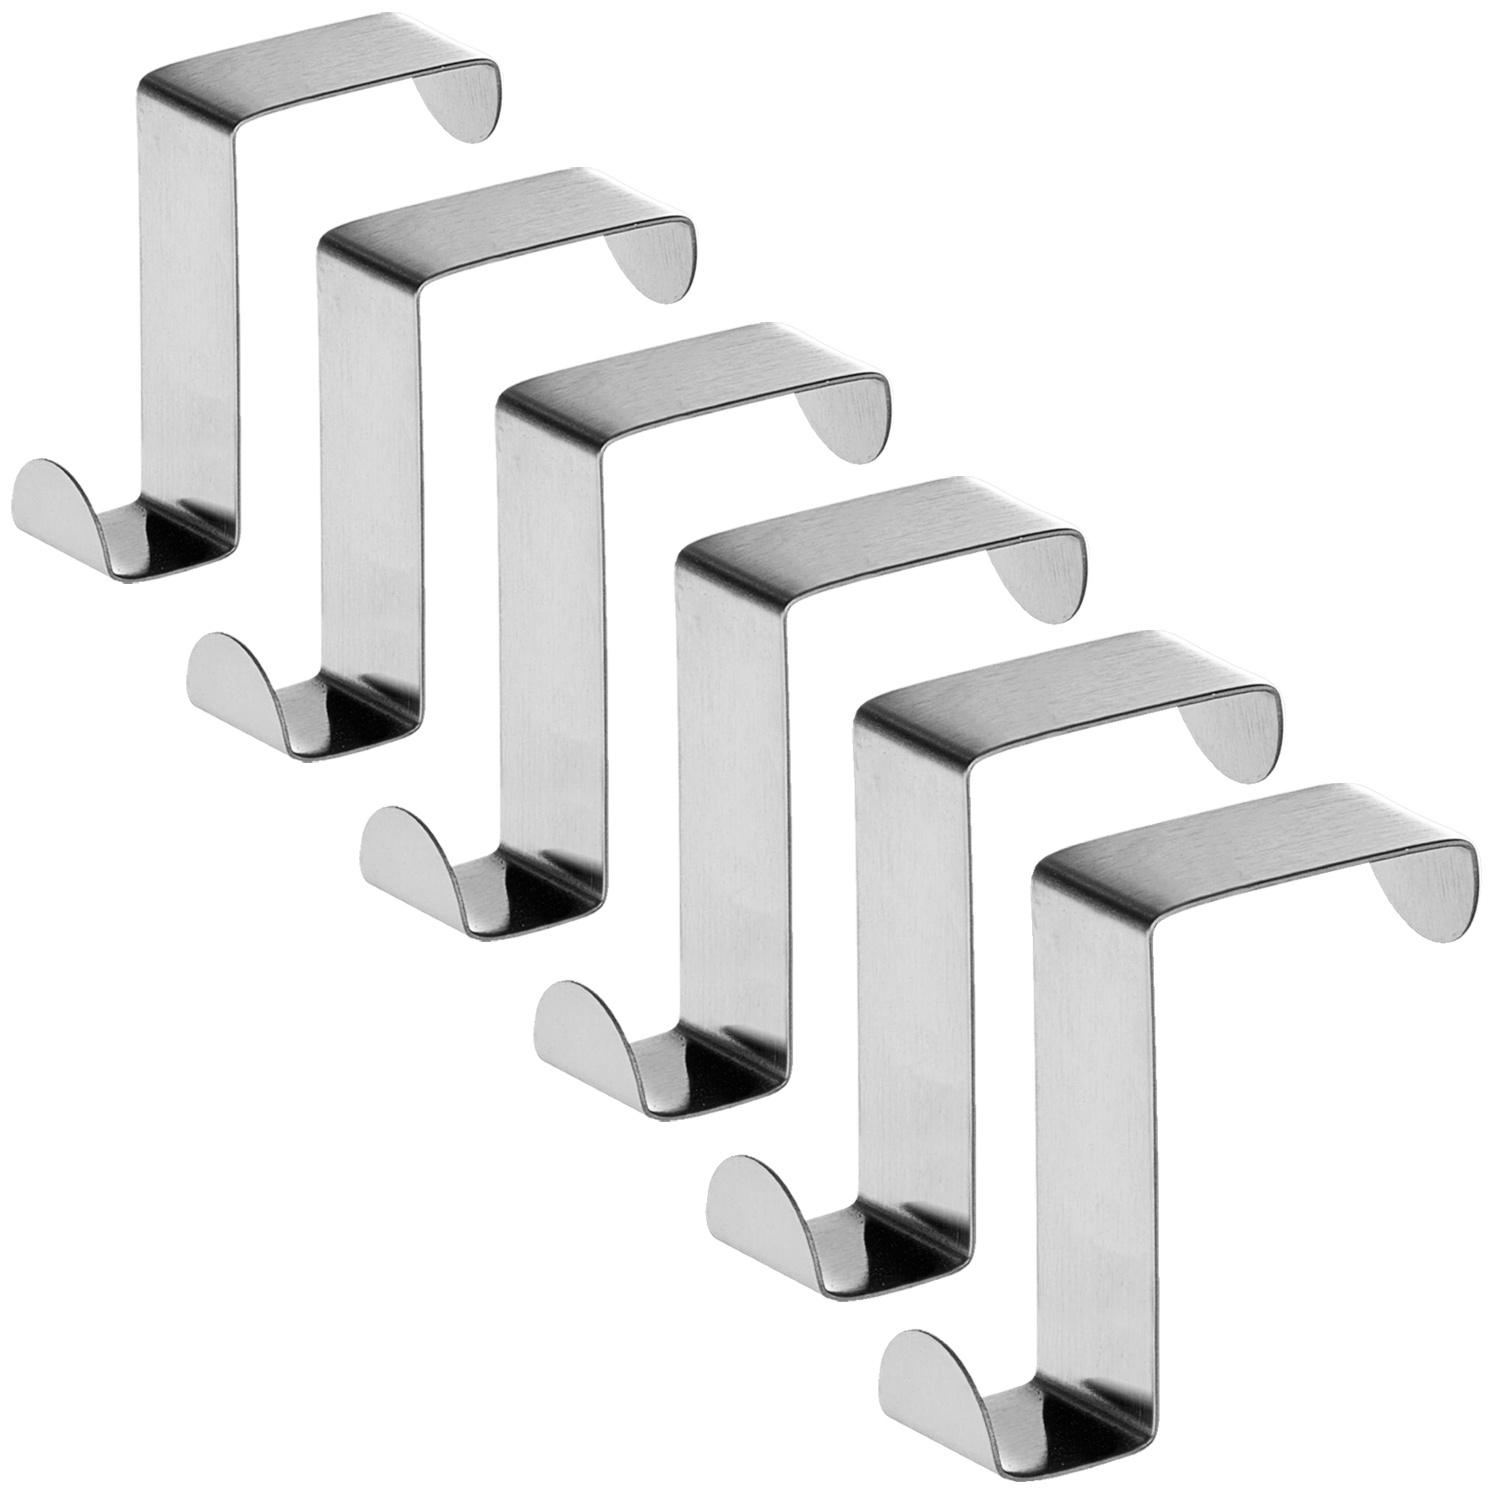 Крючки для дверей и выдвижных шкафов Tatkraft SEGER, 19638, 6 шт полоски самоклеящиеся tatkraft mirakel для рамок цвет белый 4 шт